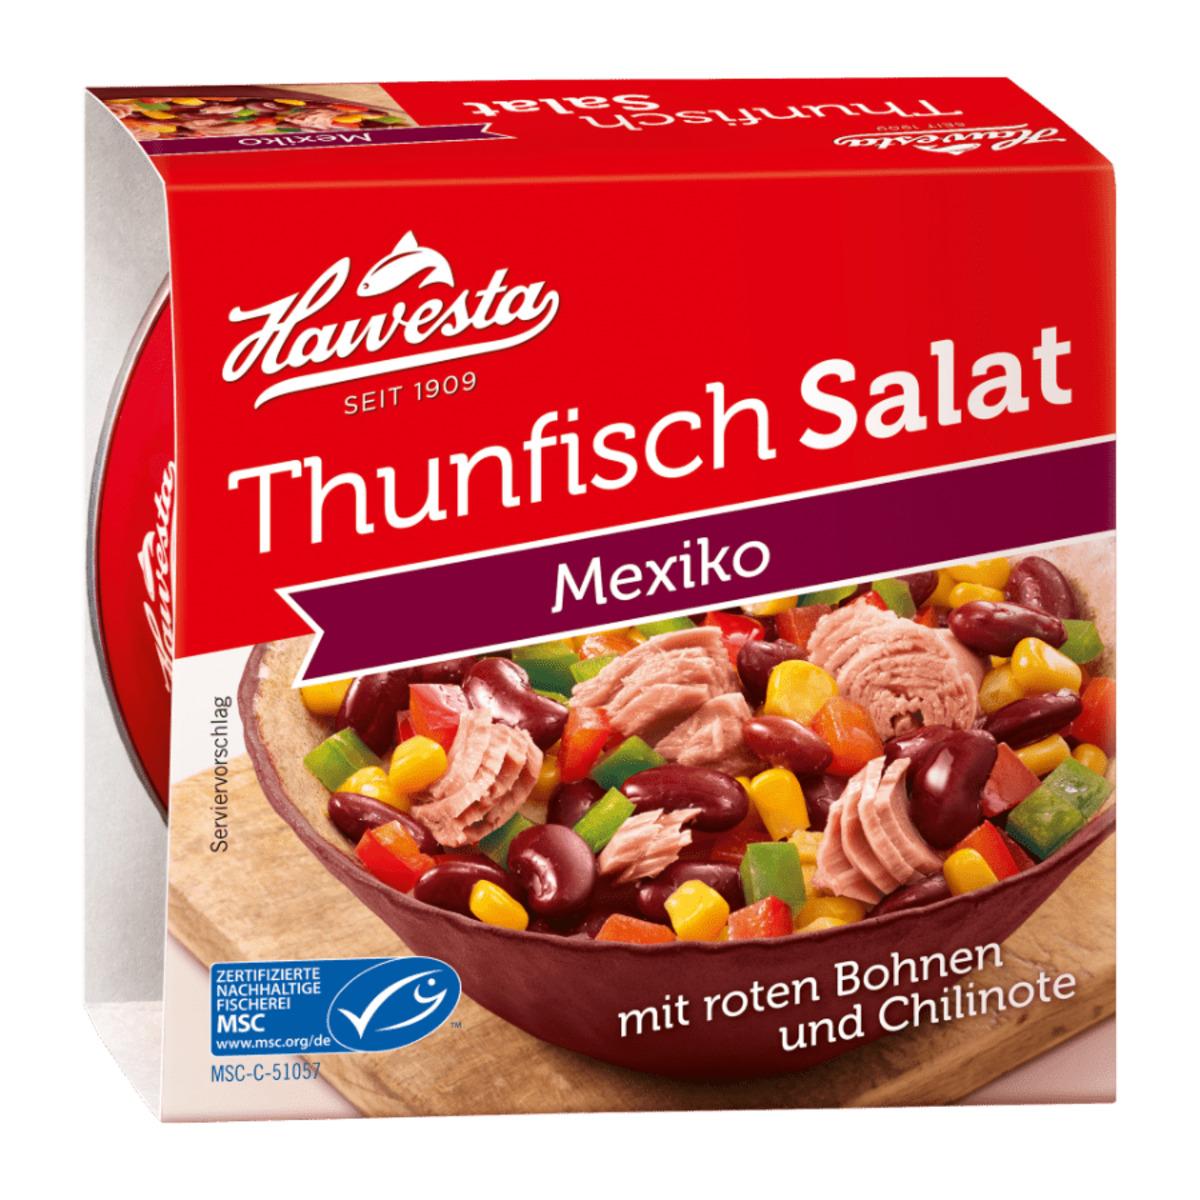 Bild 5 von HAWESTA     Thunfisch Salat